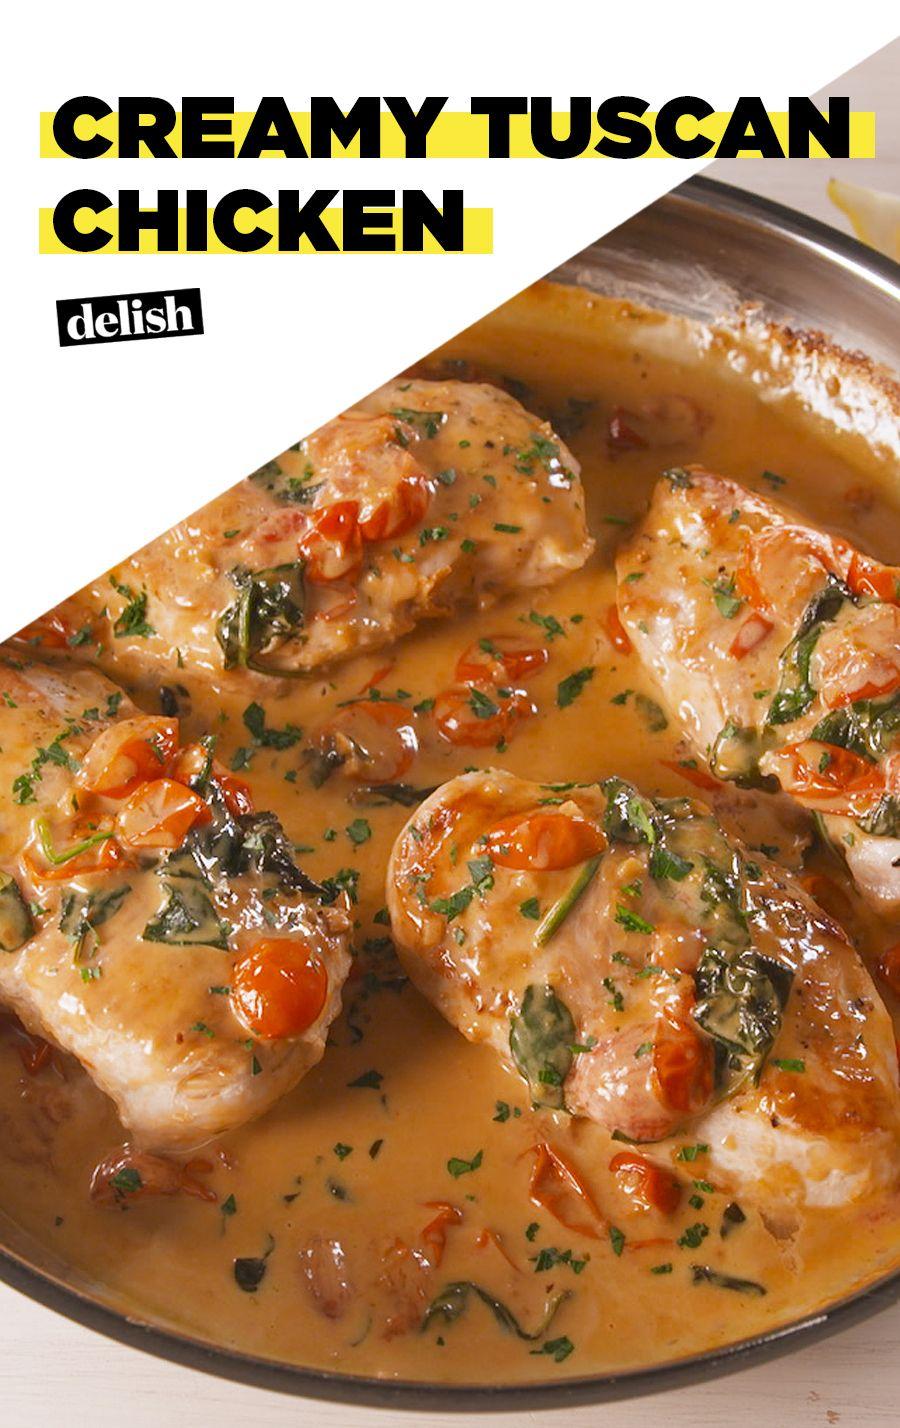 Creamy Tuscan Chicken Recipe Creamy Tuscan Chicken Recipe